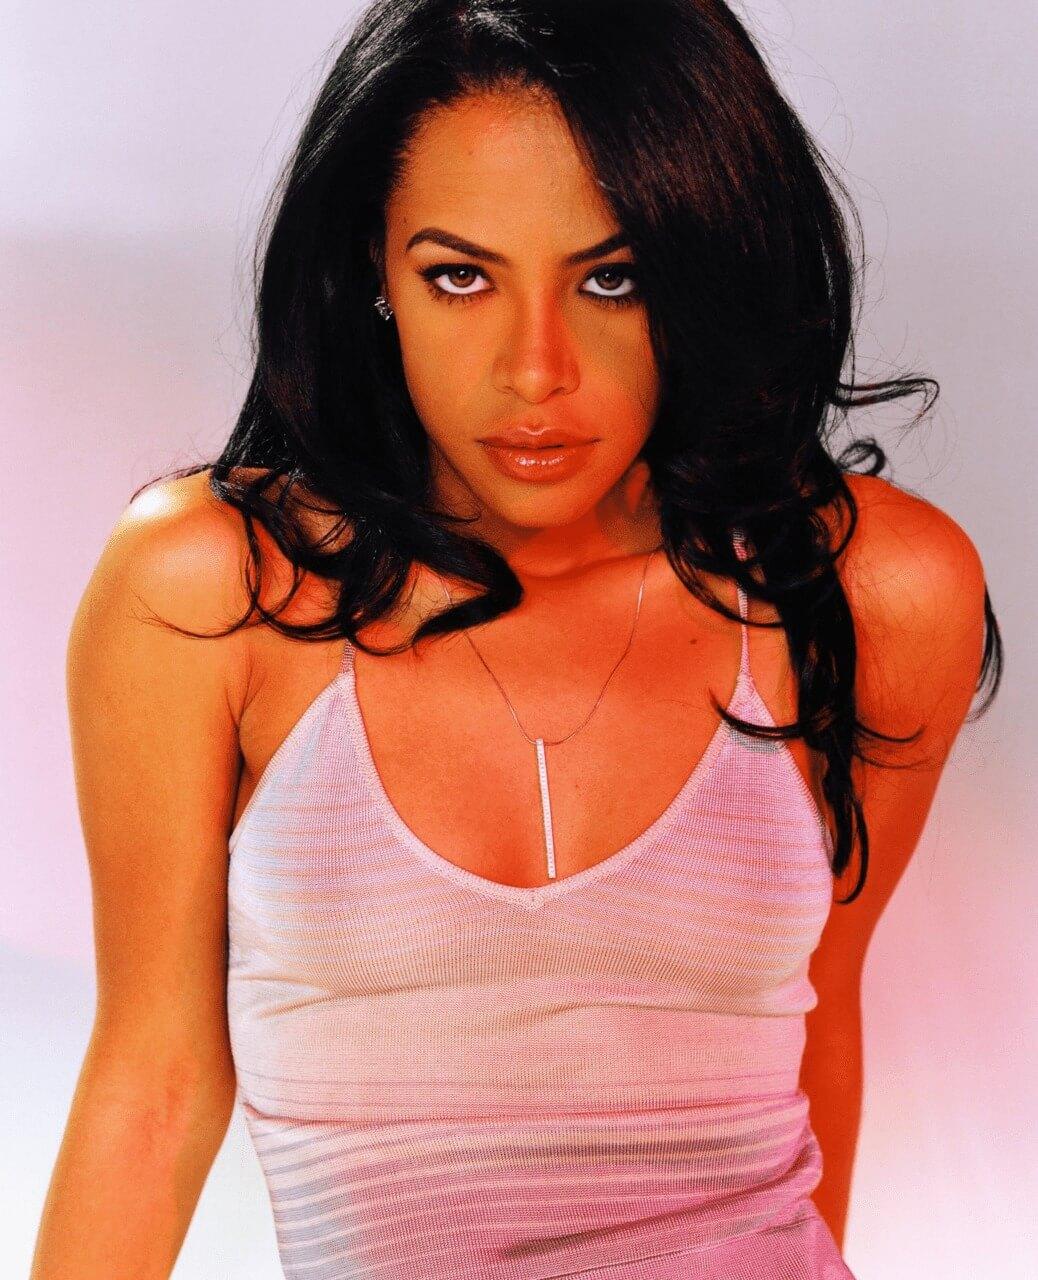 aaliyah-looking-sexy-1